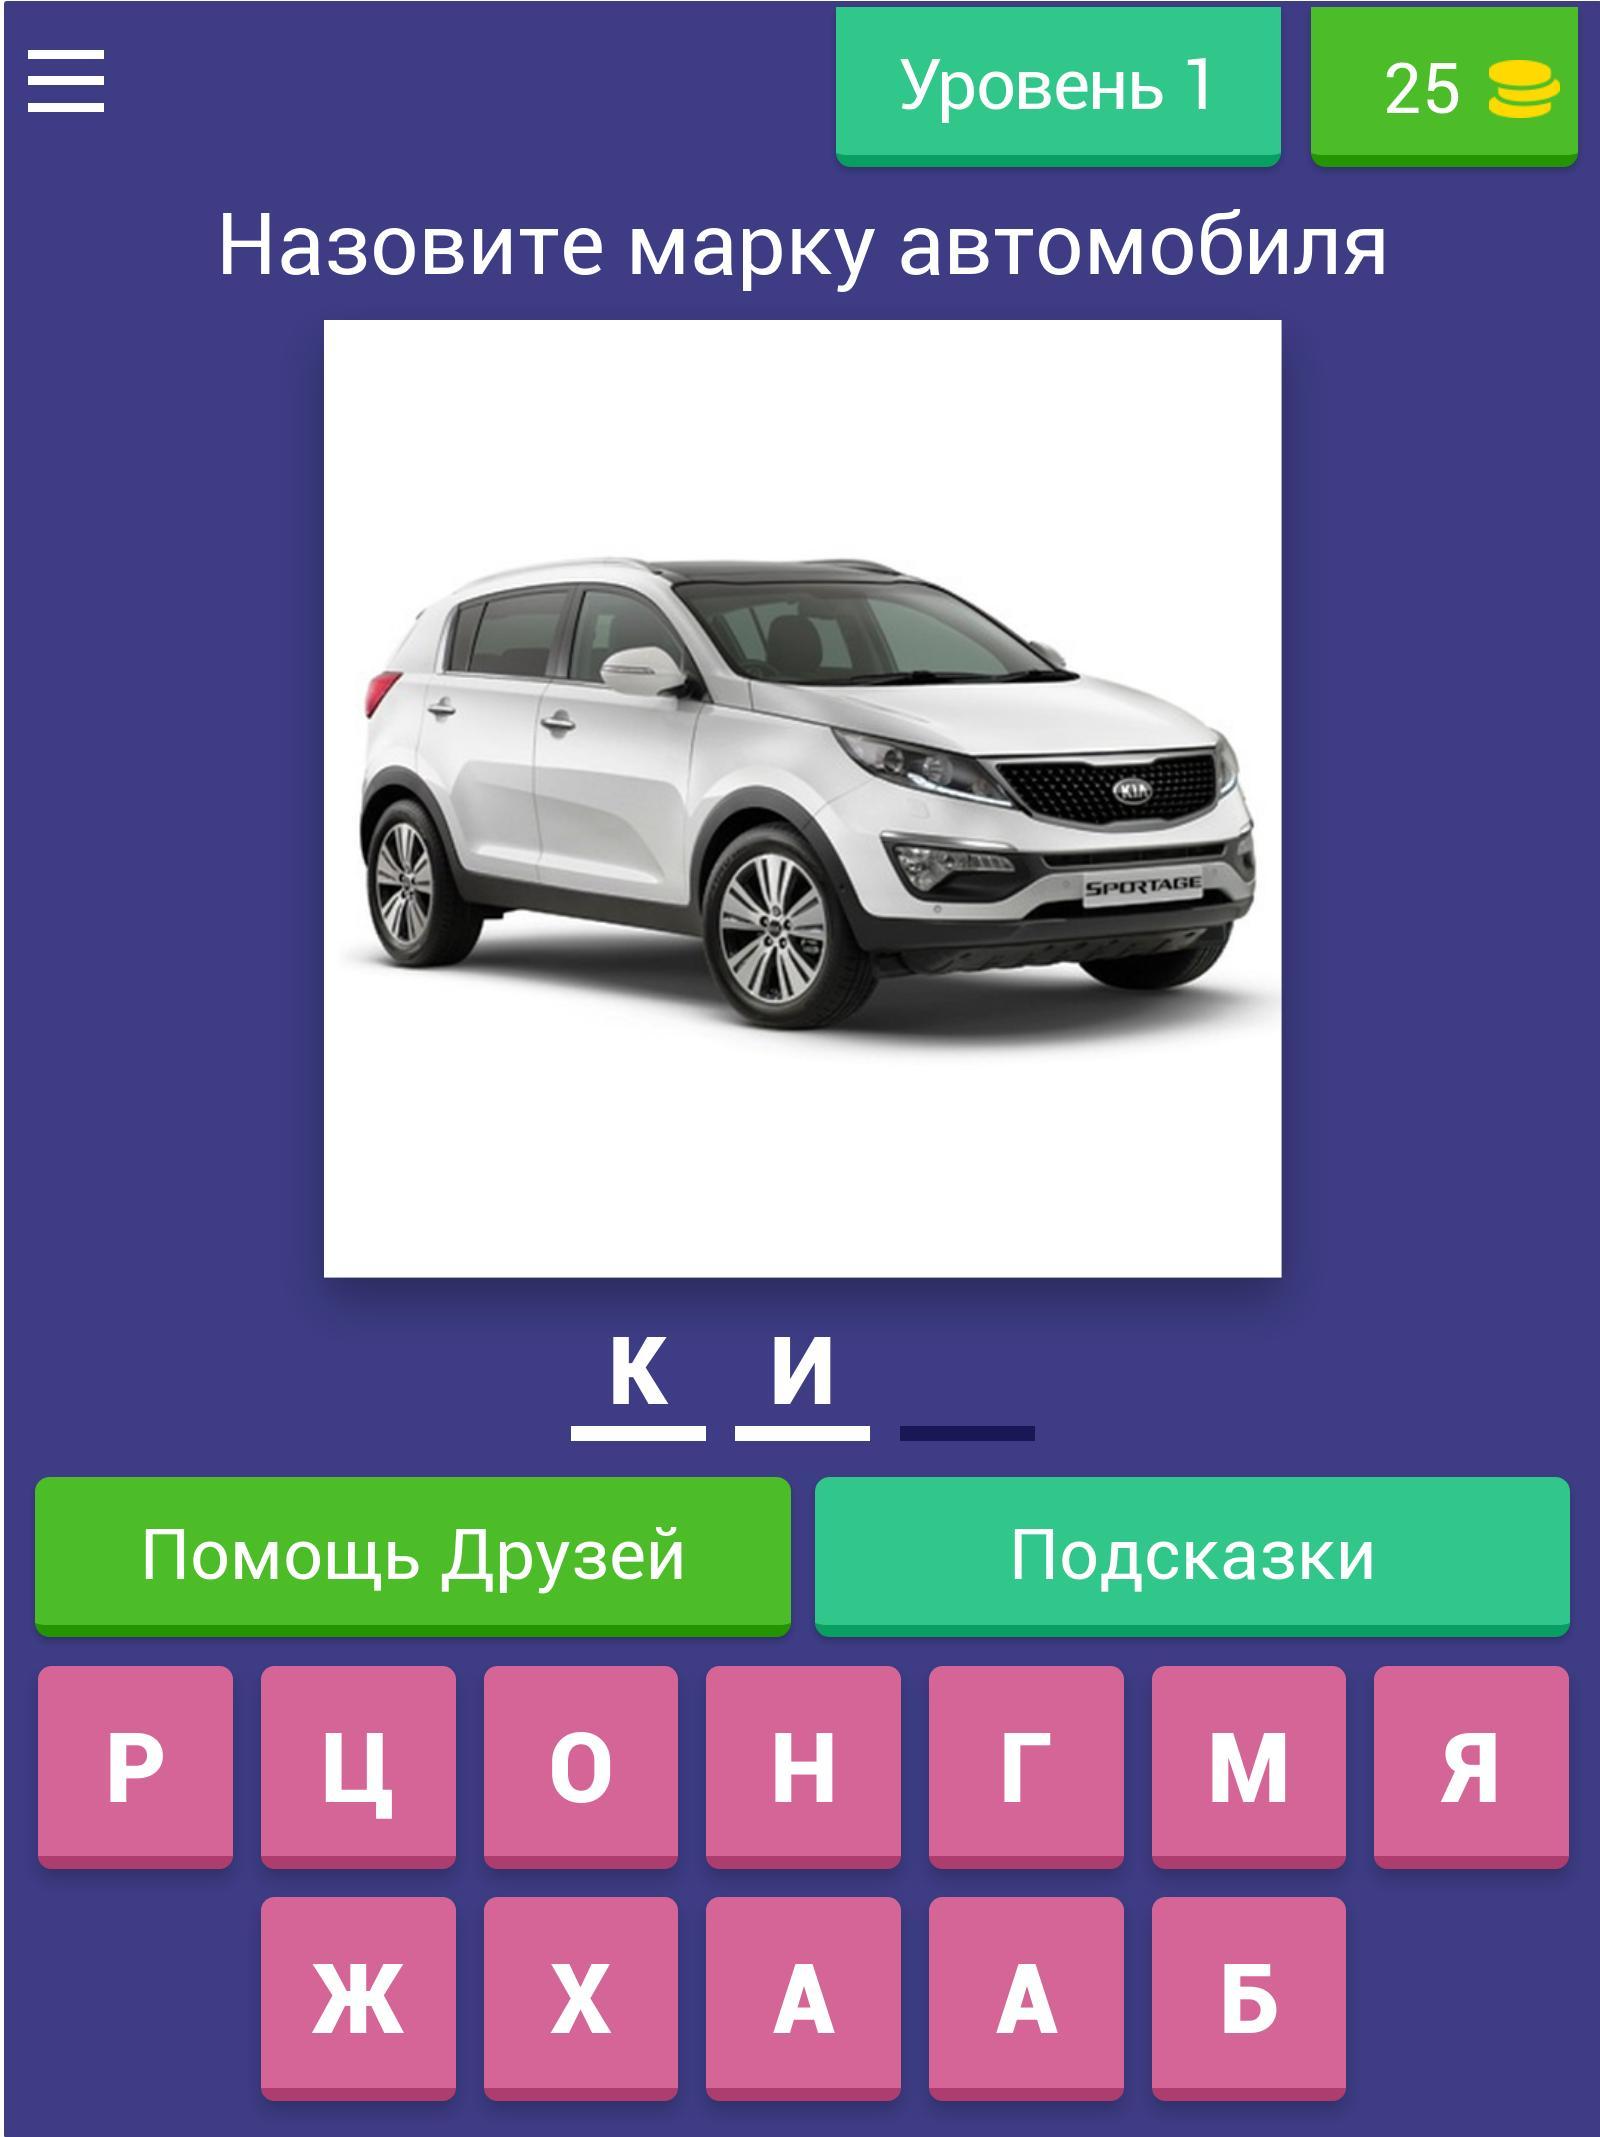 Тест угадай автомобиль по фото